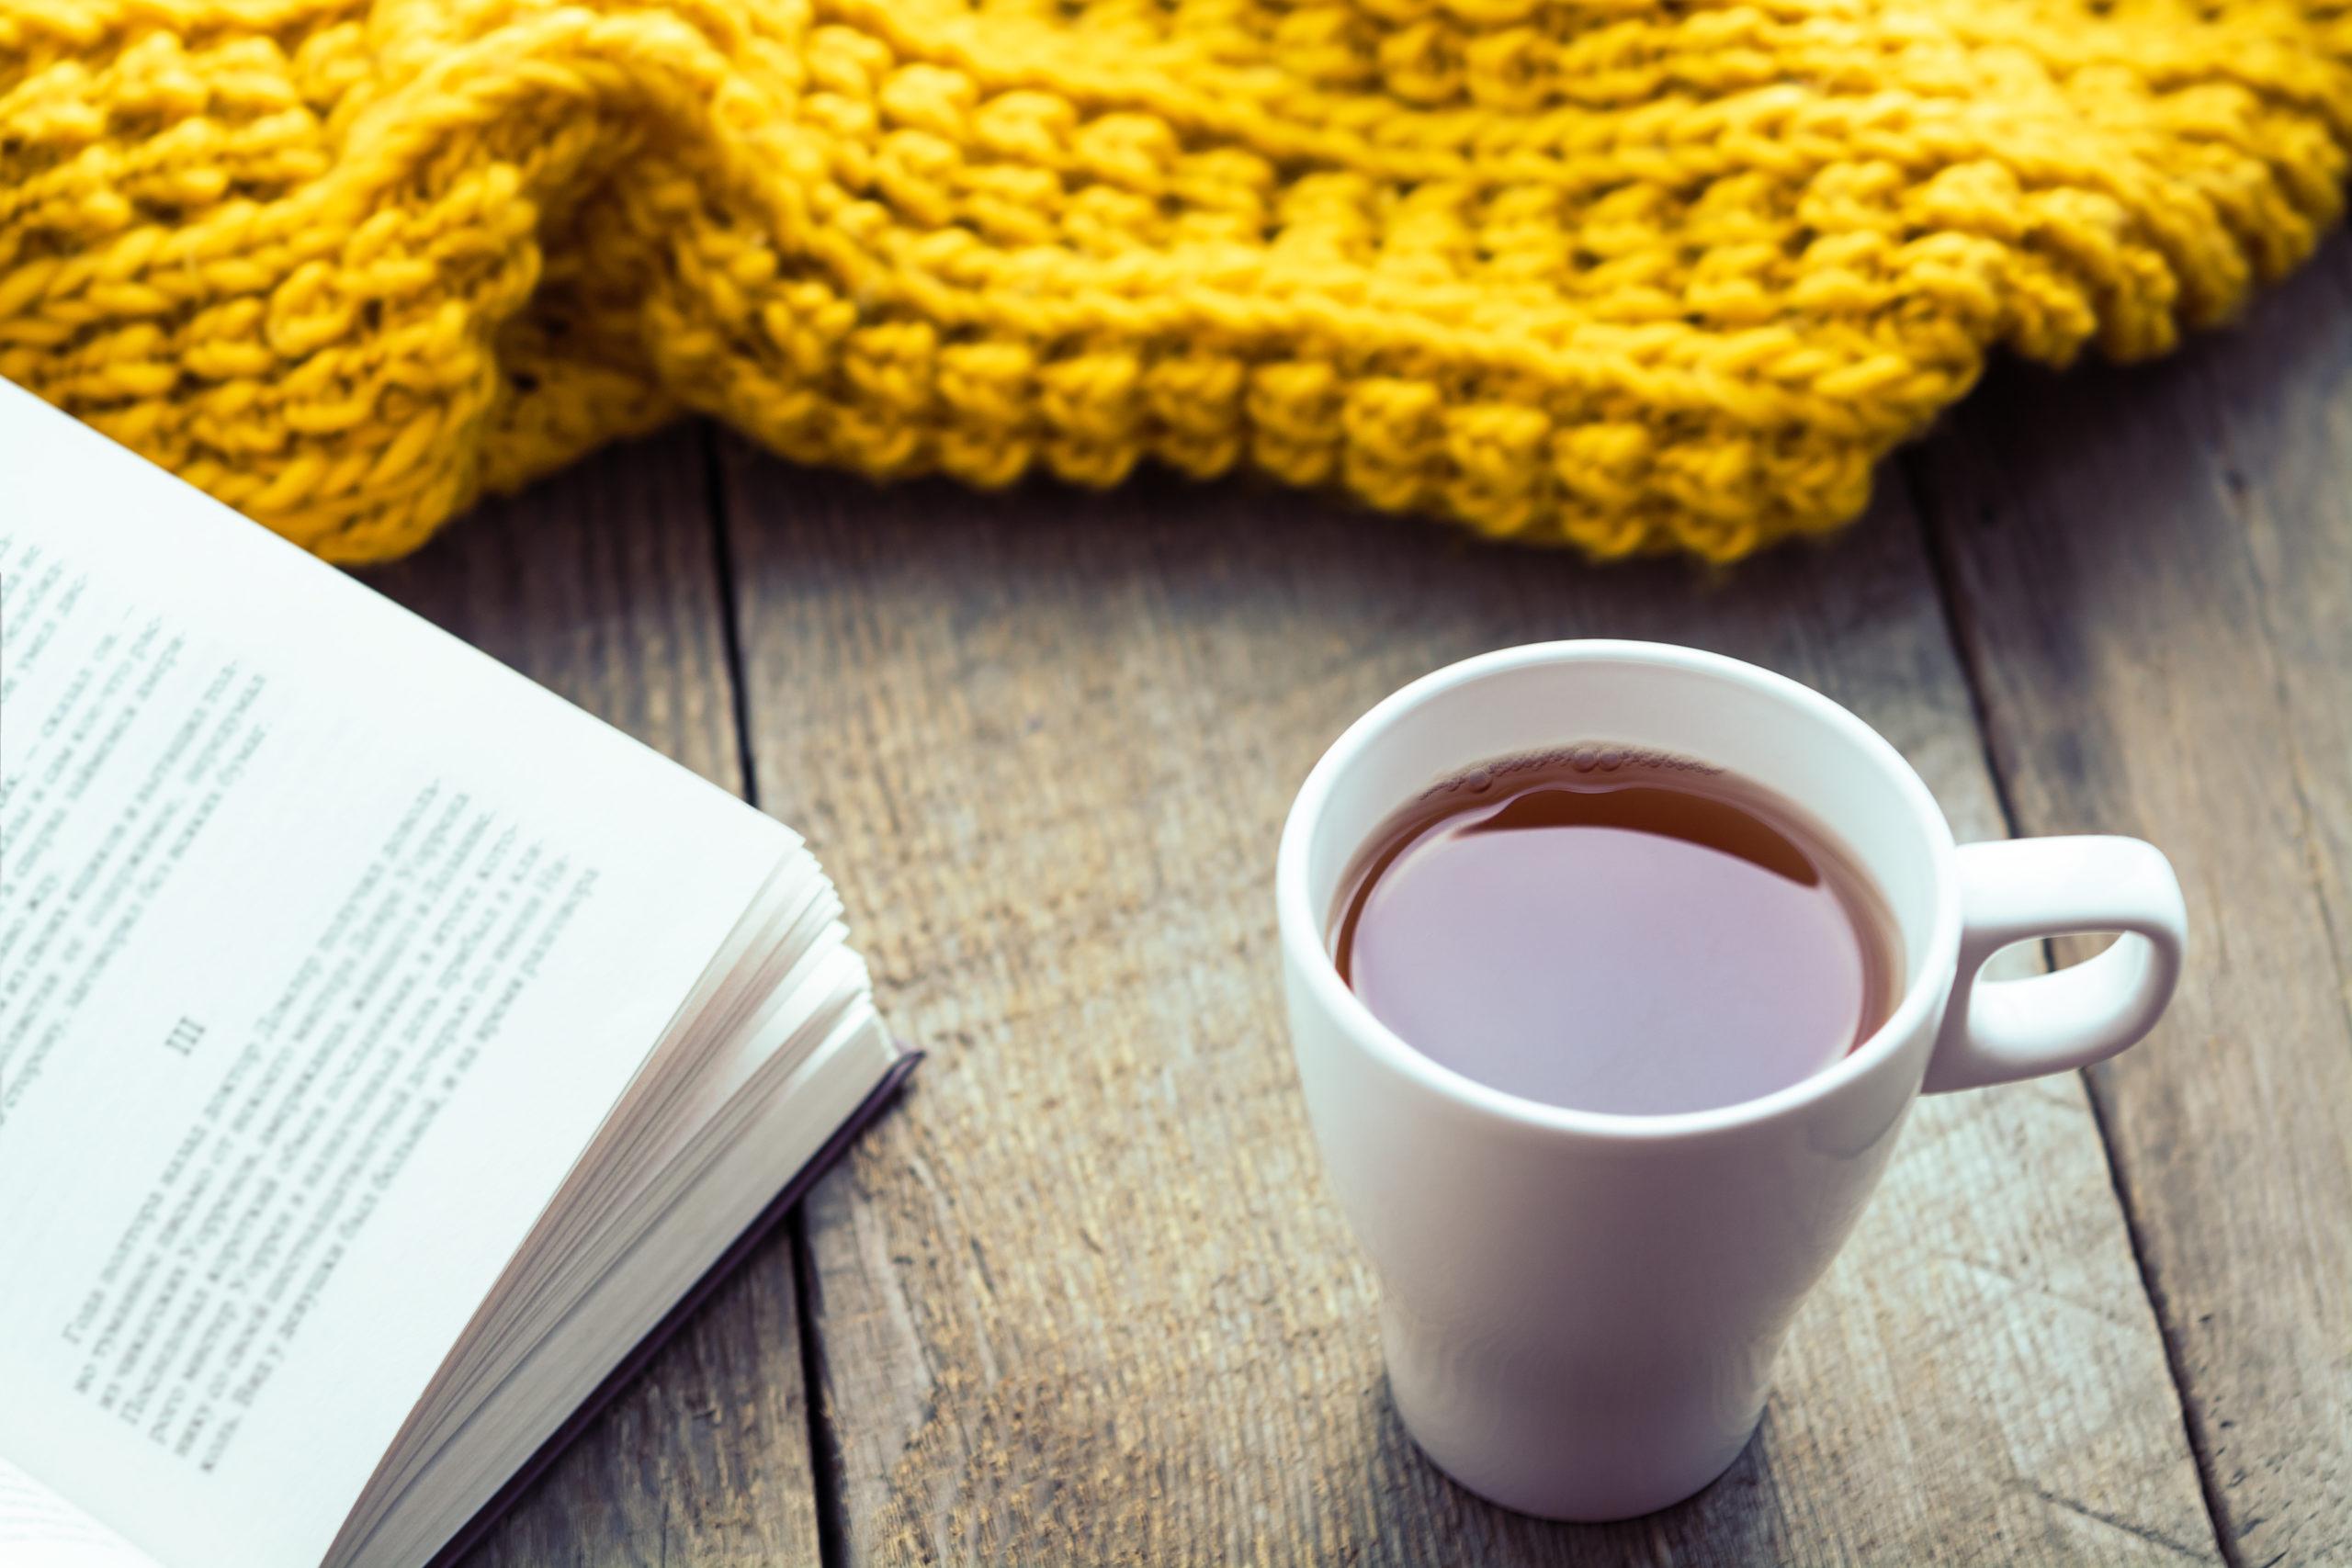 En kopp te framför en öppen bok och gul scarf.